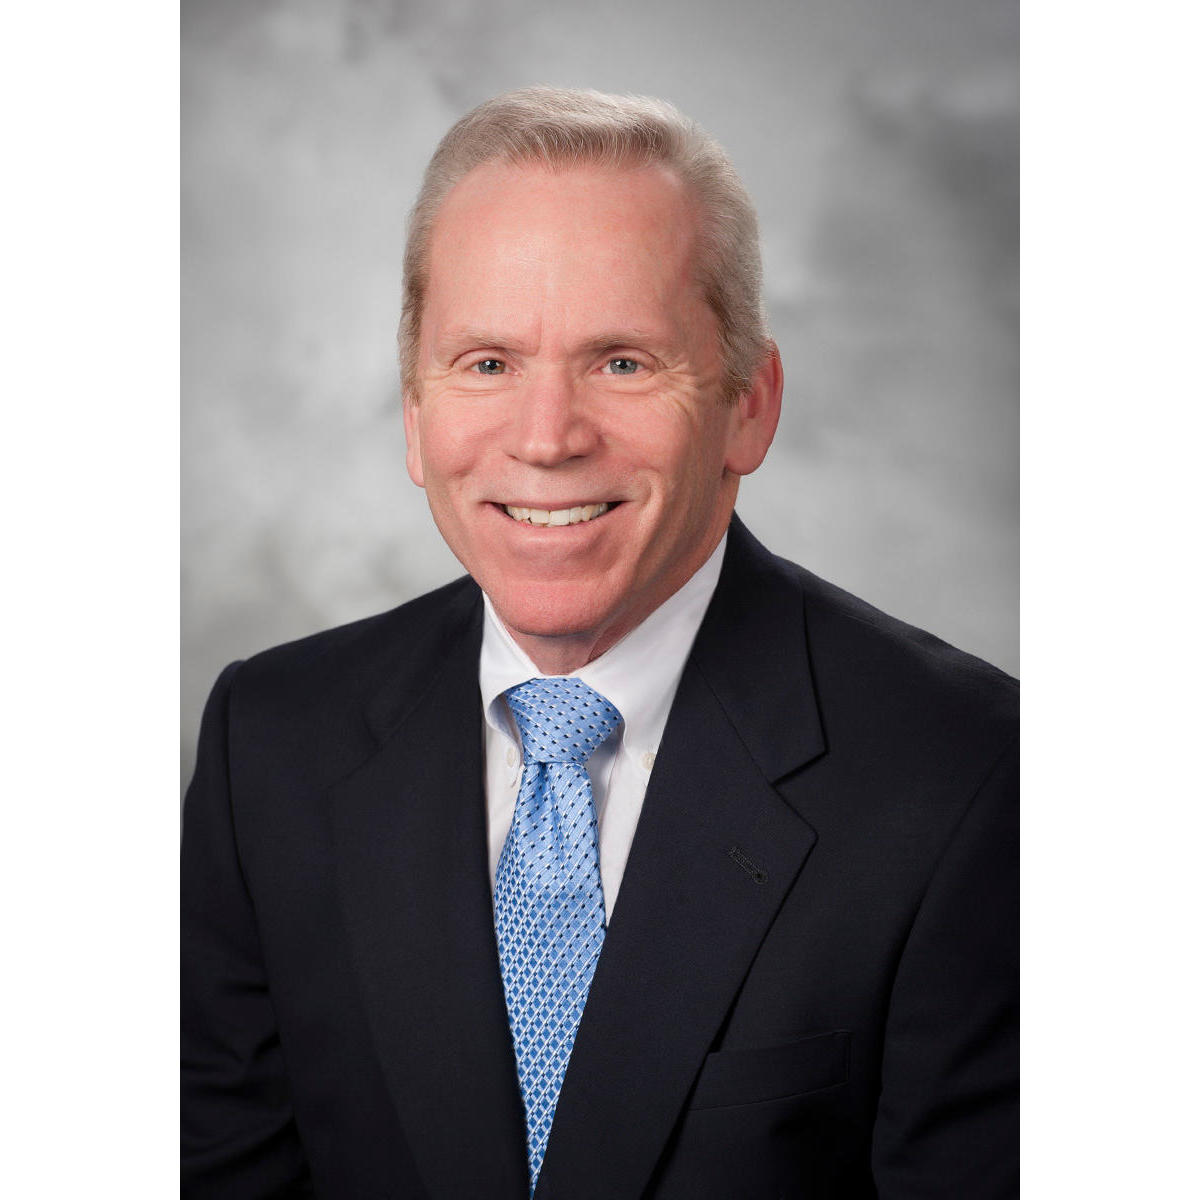 Richard A. Pomerantz, MD